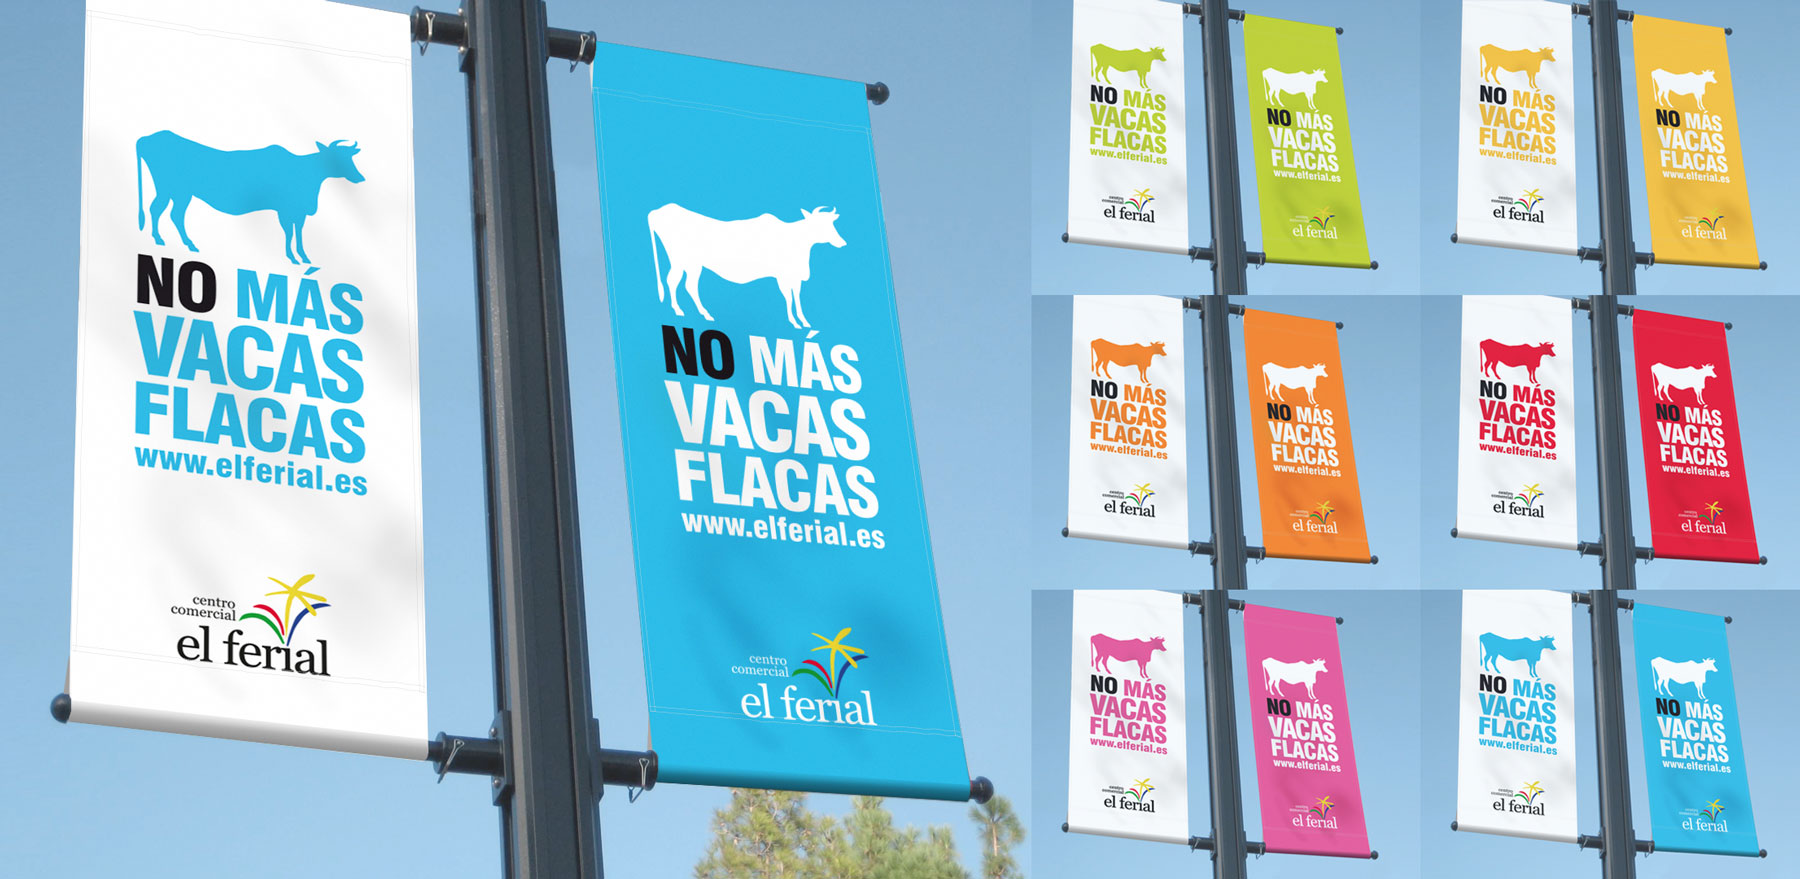 el_ferial_no_mas_vacas_flacas_03